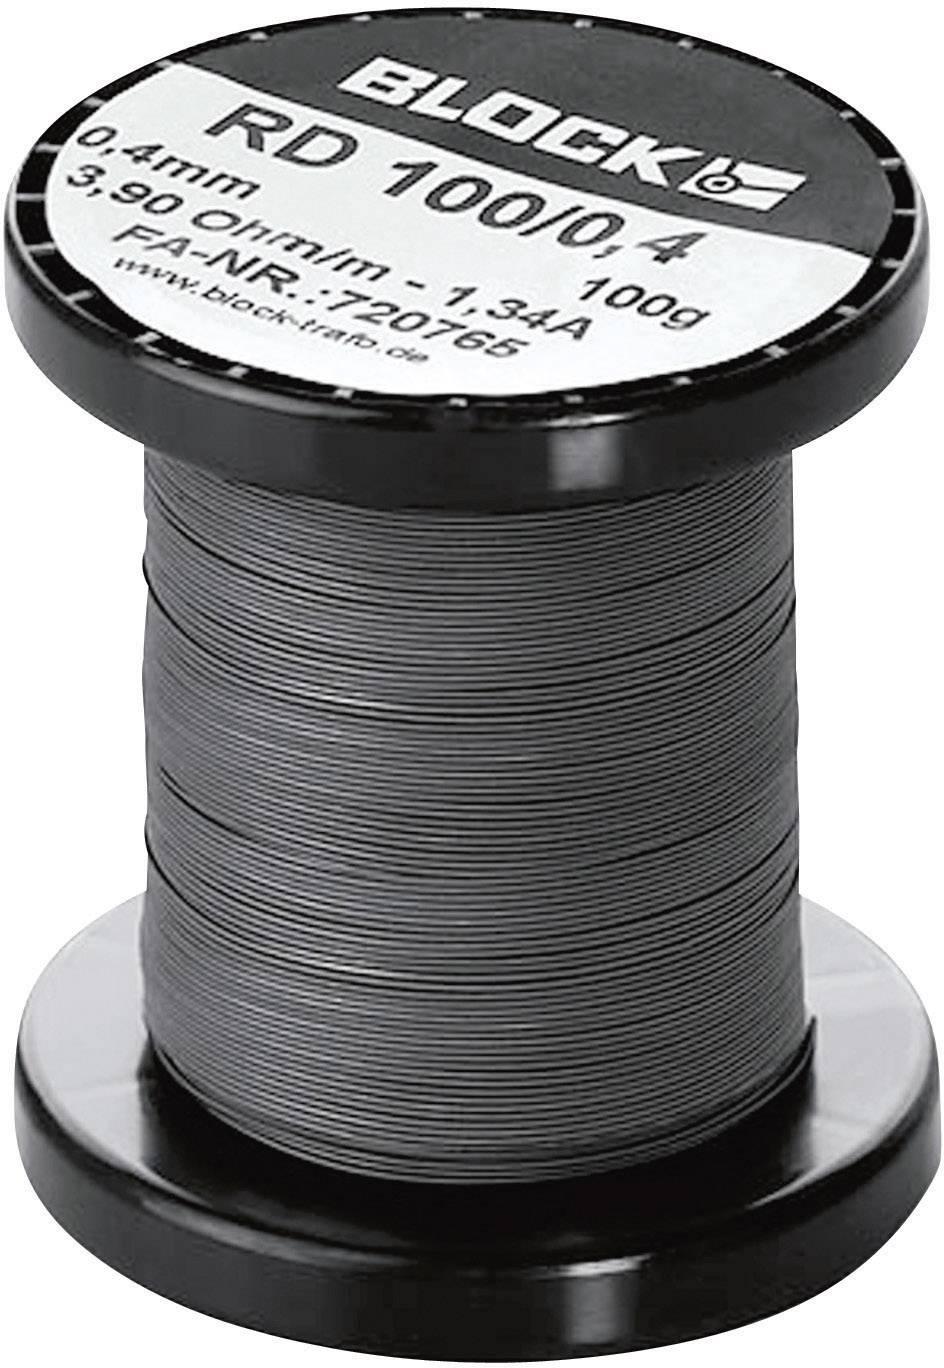 Odporový drôt Block RD 100/1,0, 0.624 Ω/m, 14 m